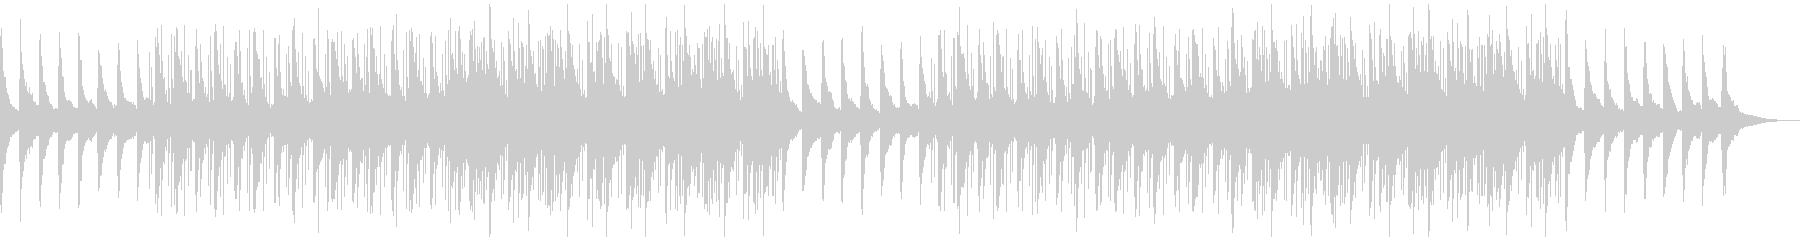 チルアウト、ローファイ、ピアノ、ラウンジの未再生の波形